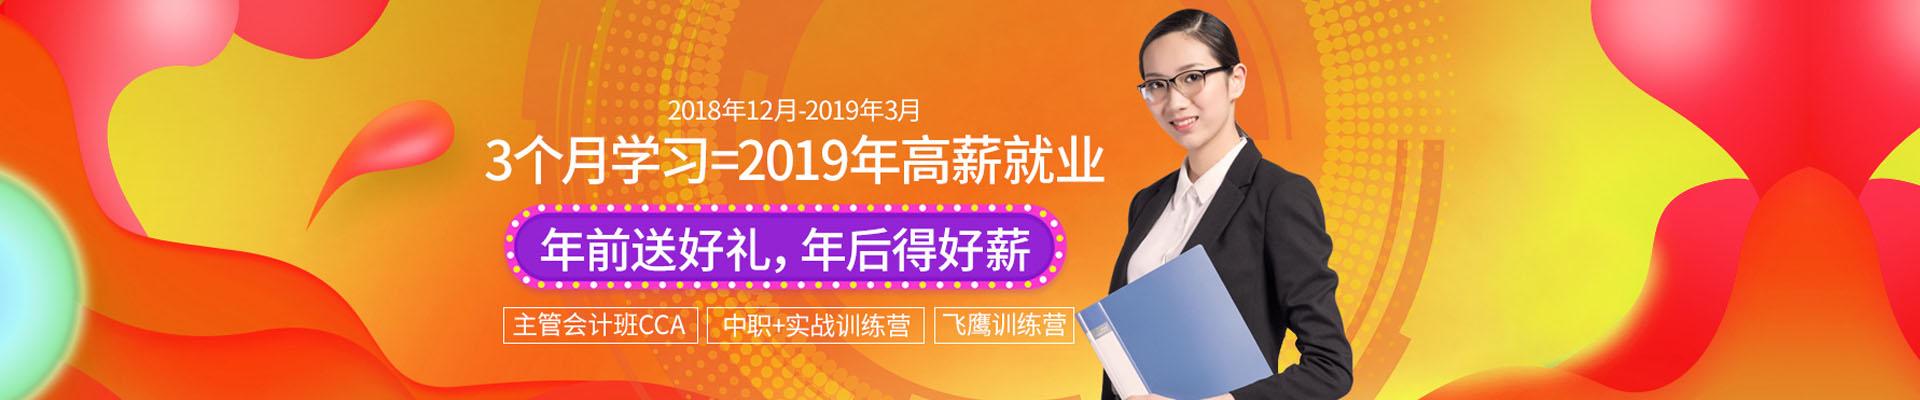 重庆仁和注册会计师培训学校